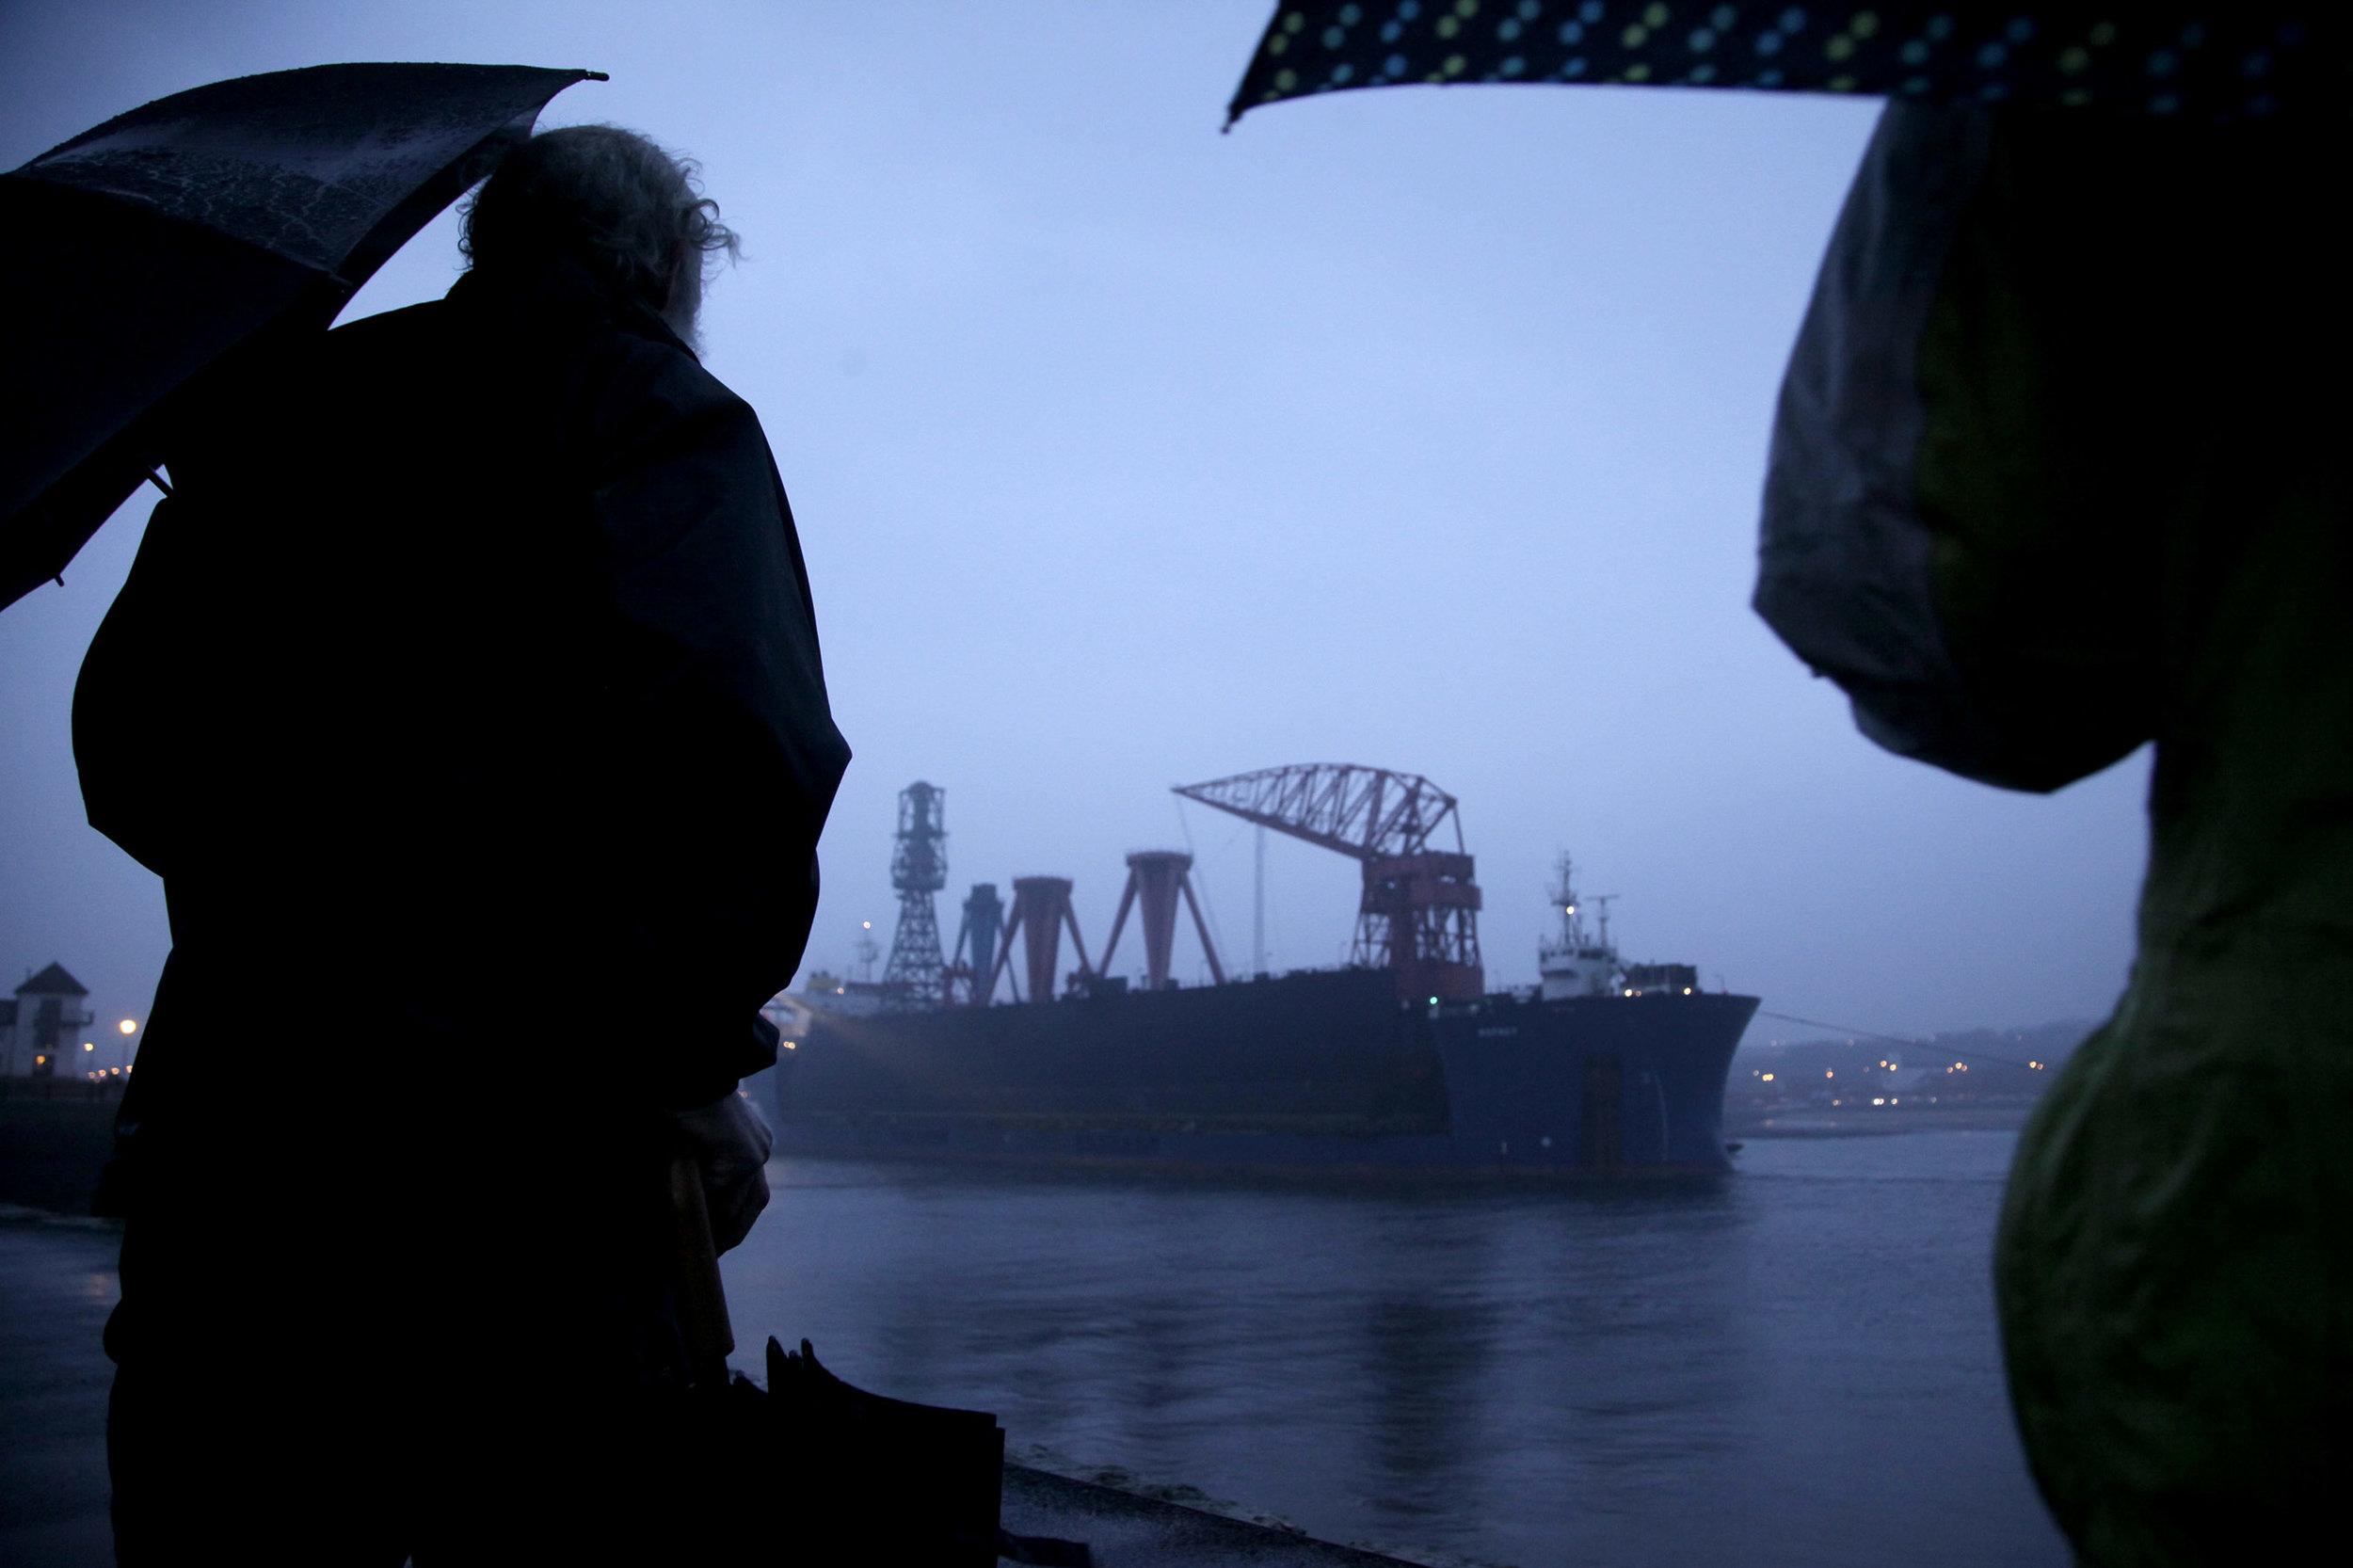 Cranes voyage06.jpg